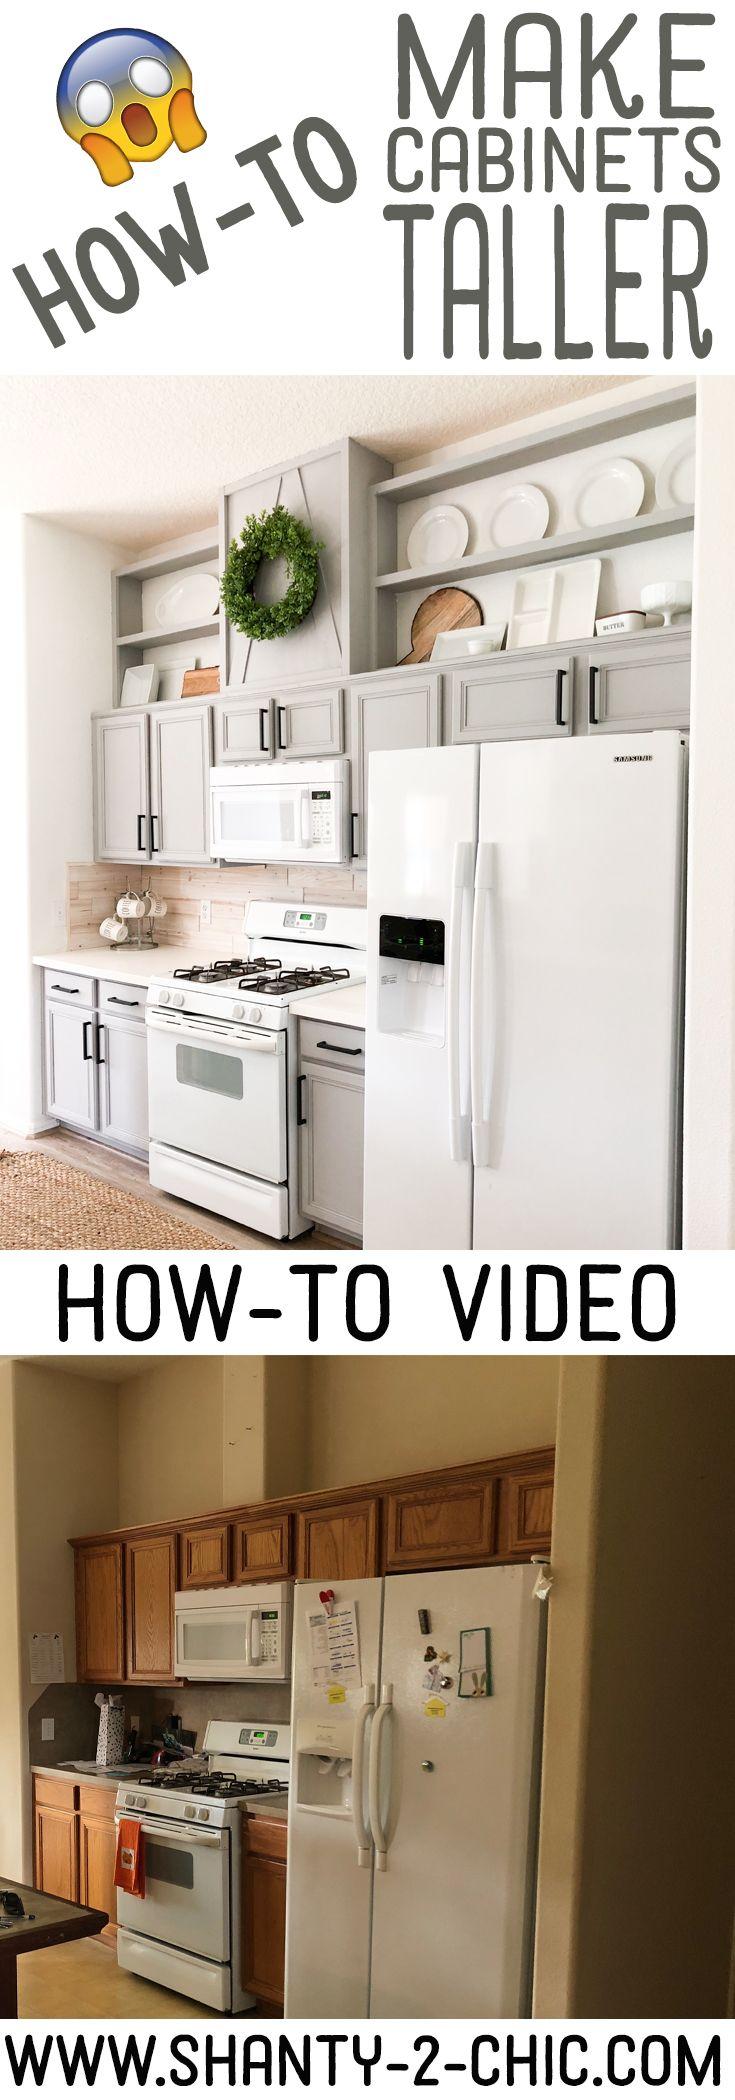 U küchendesign-ideen how to make cabinets taller  upgrade  pinterest  haus küchen